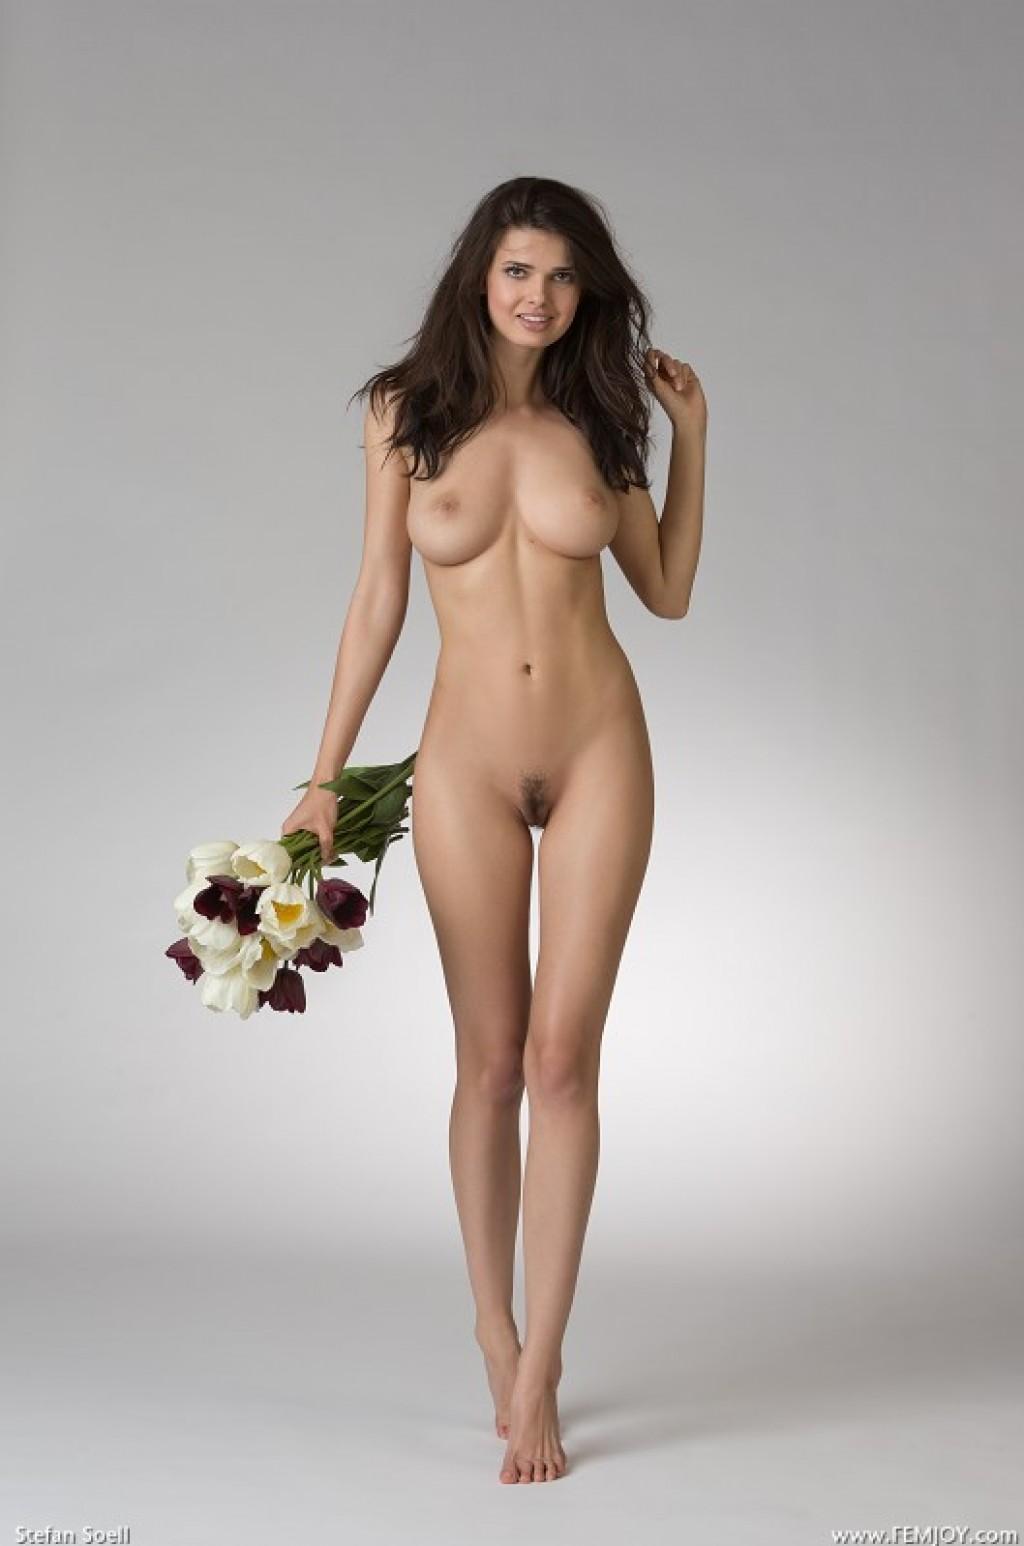 Hermosa chica morena de colombia muestra su conjo perfecto - 2 part 1